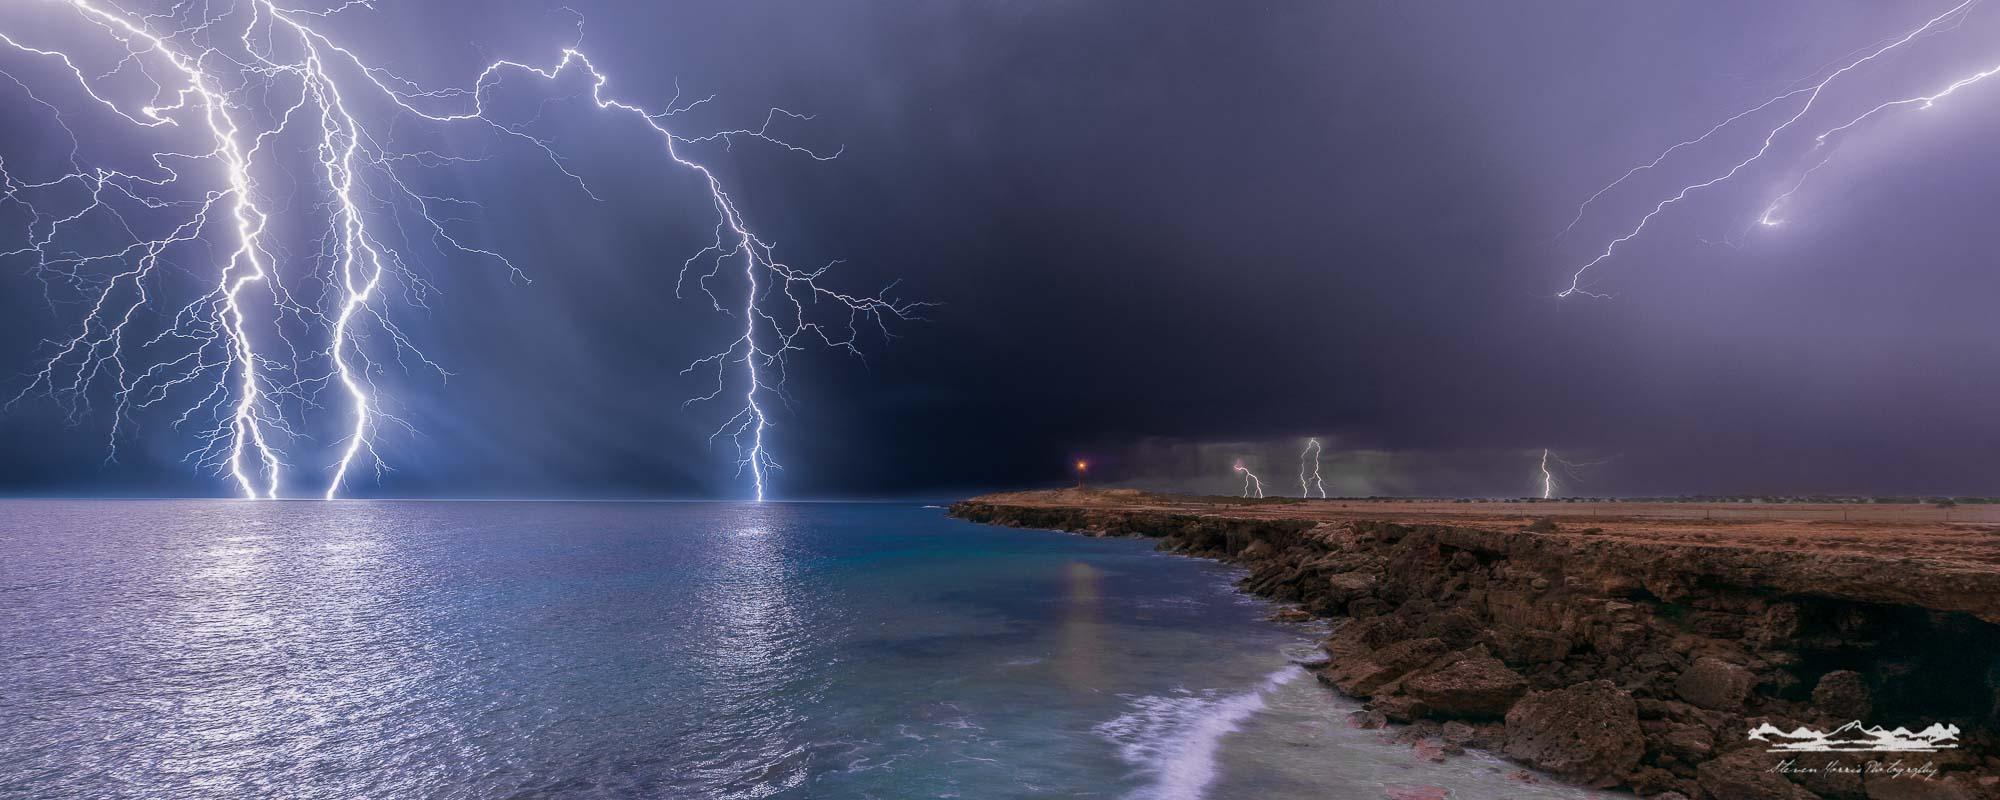 Lanscape Image by Austrailian Photographer Steven Morris